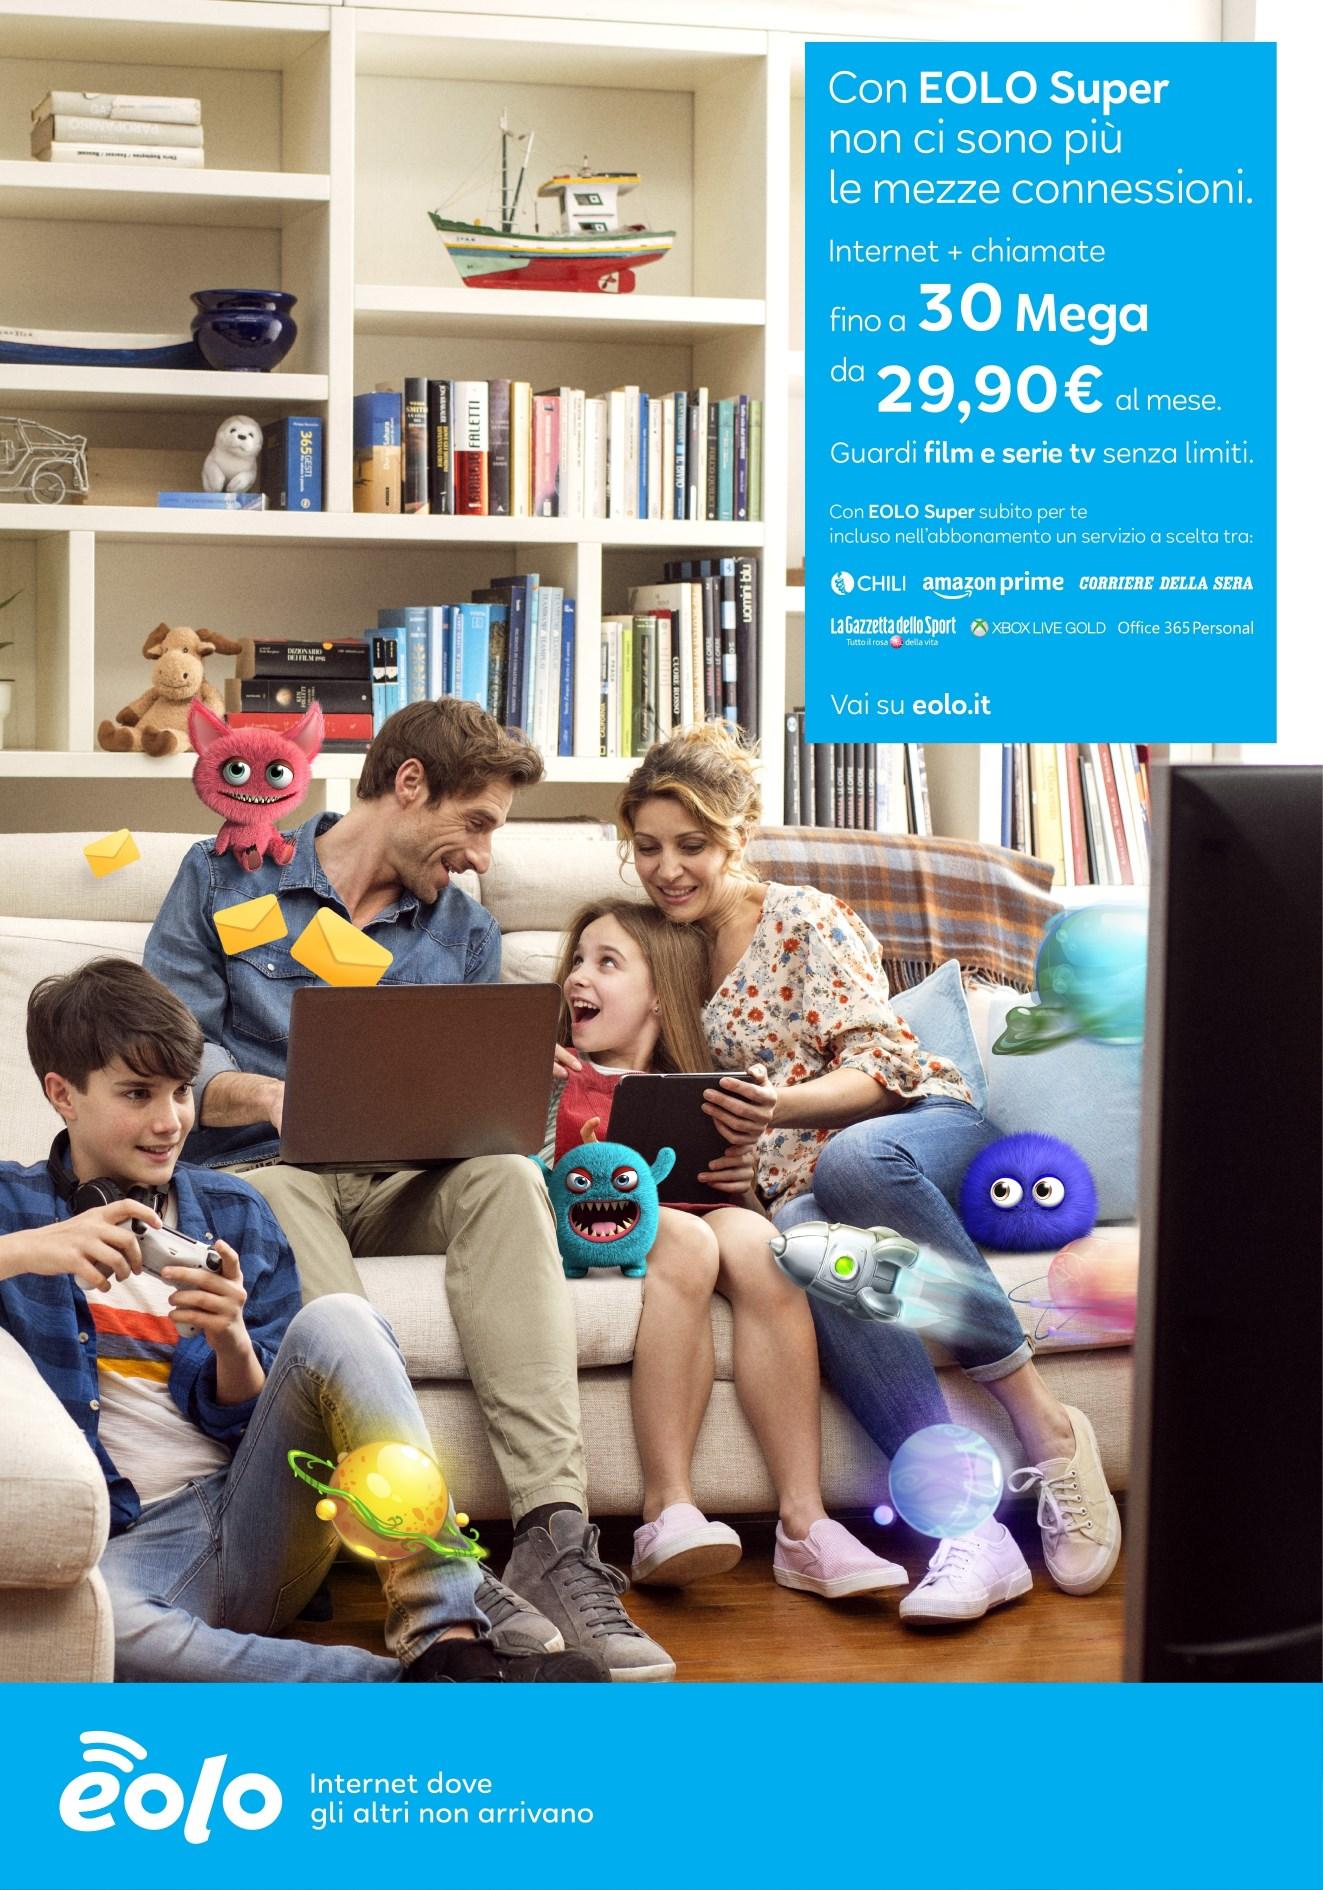 EOLO super – internet + chiamate